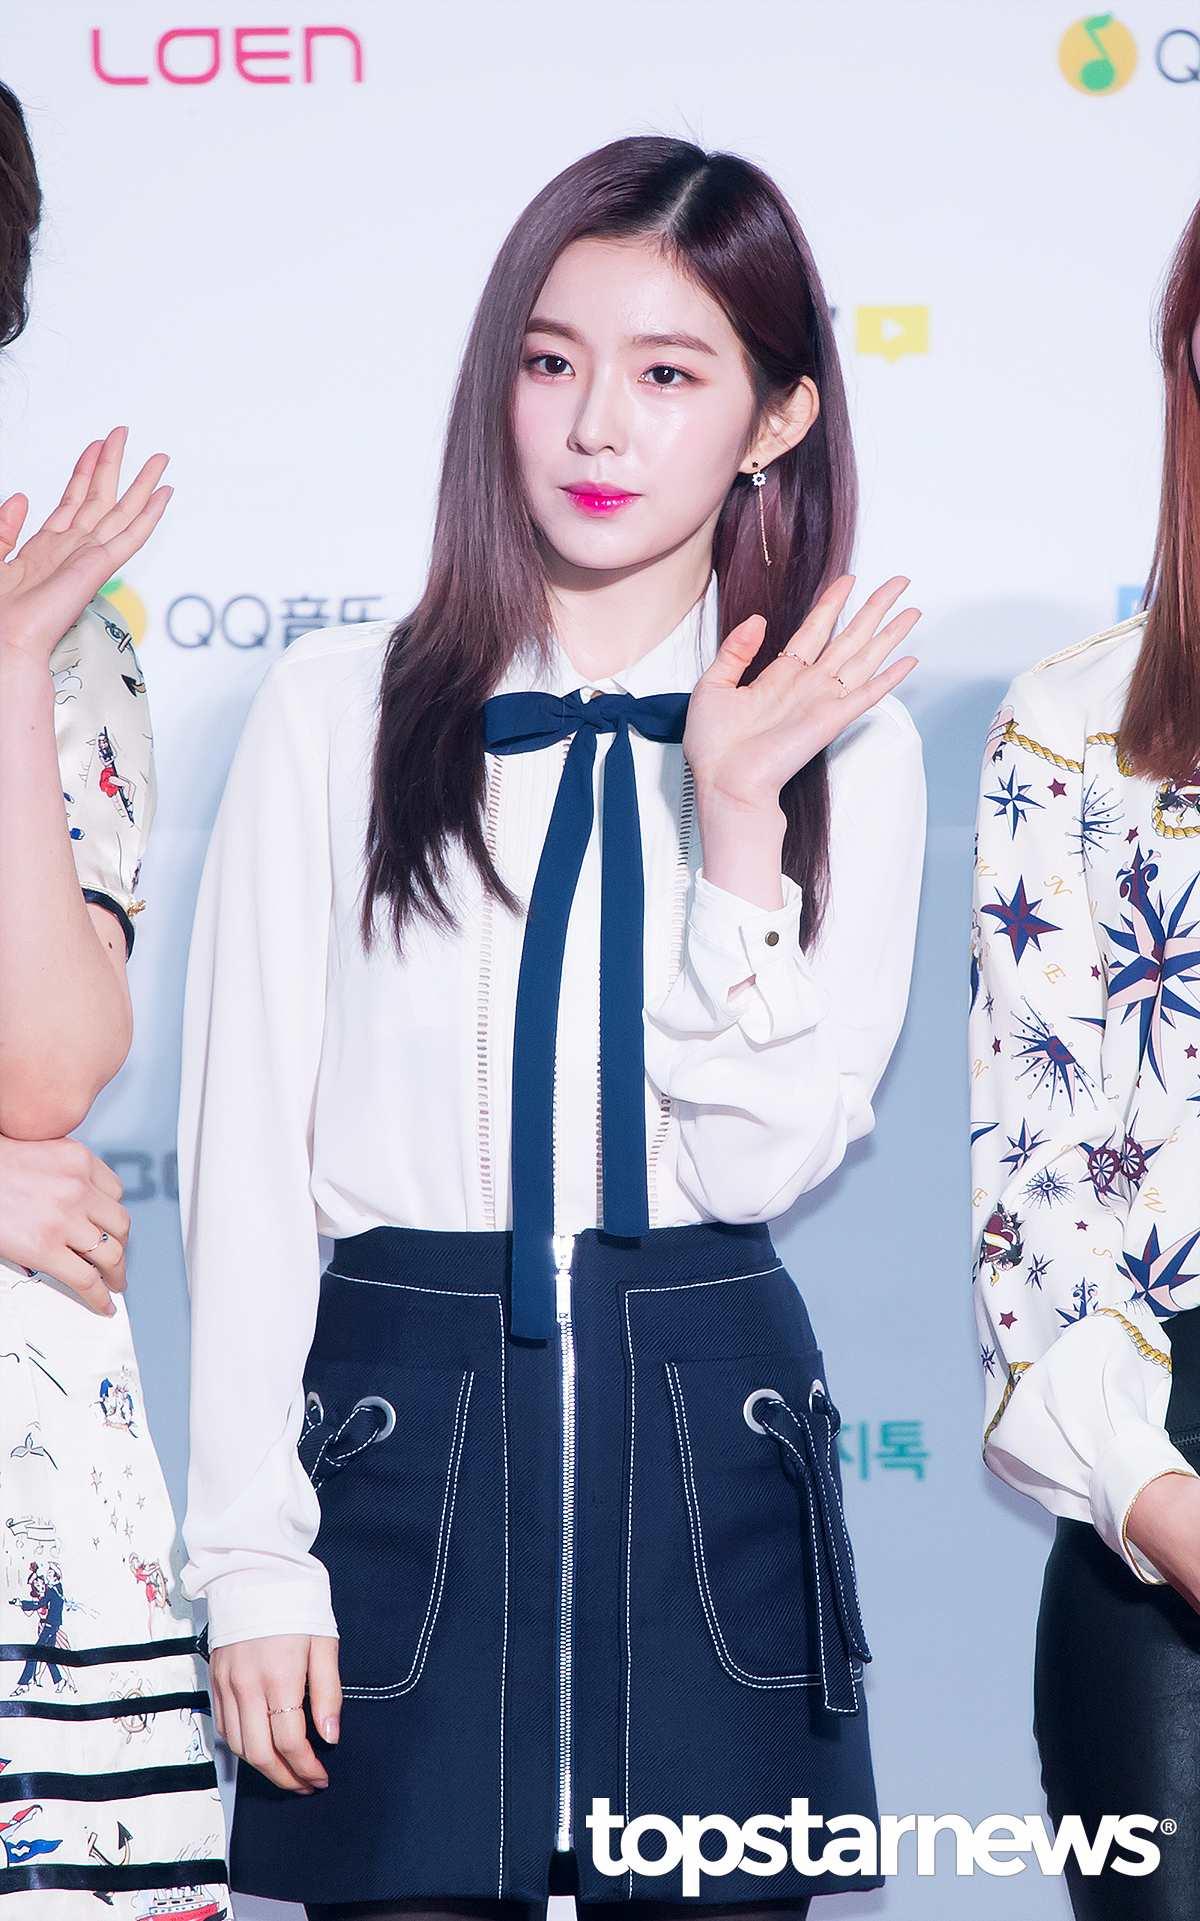 雖然粉絲們一直都非常理解Irene內向的性格,并替Irene抱屈。 不過《兩個男人秀》之後,也讓之前質疑Irene的大部分網友改觀。